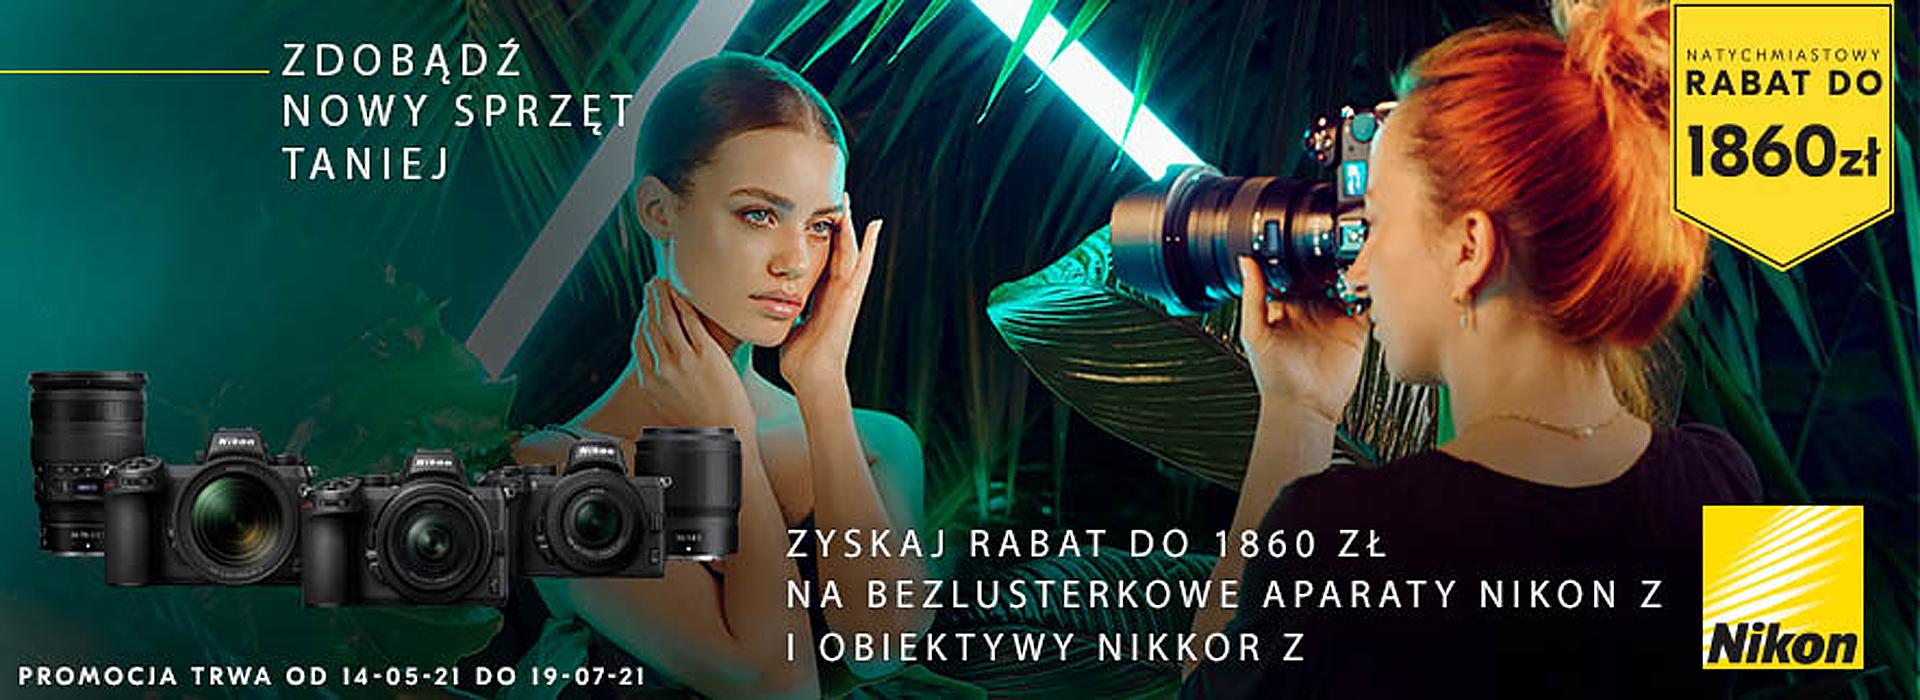 Nikon Natychmiastowy Rabat Nawet Do 1860zł